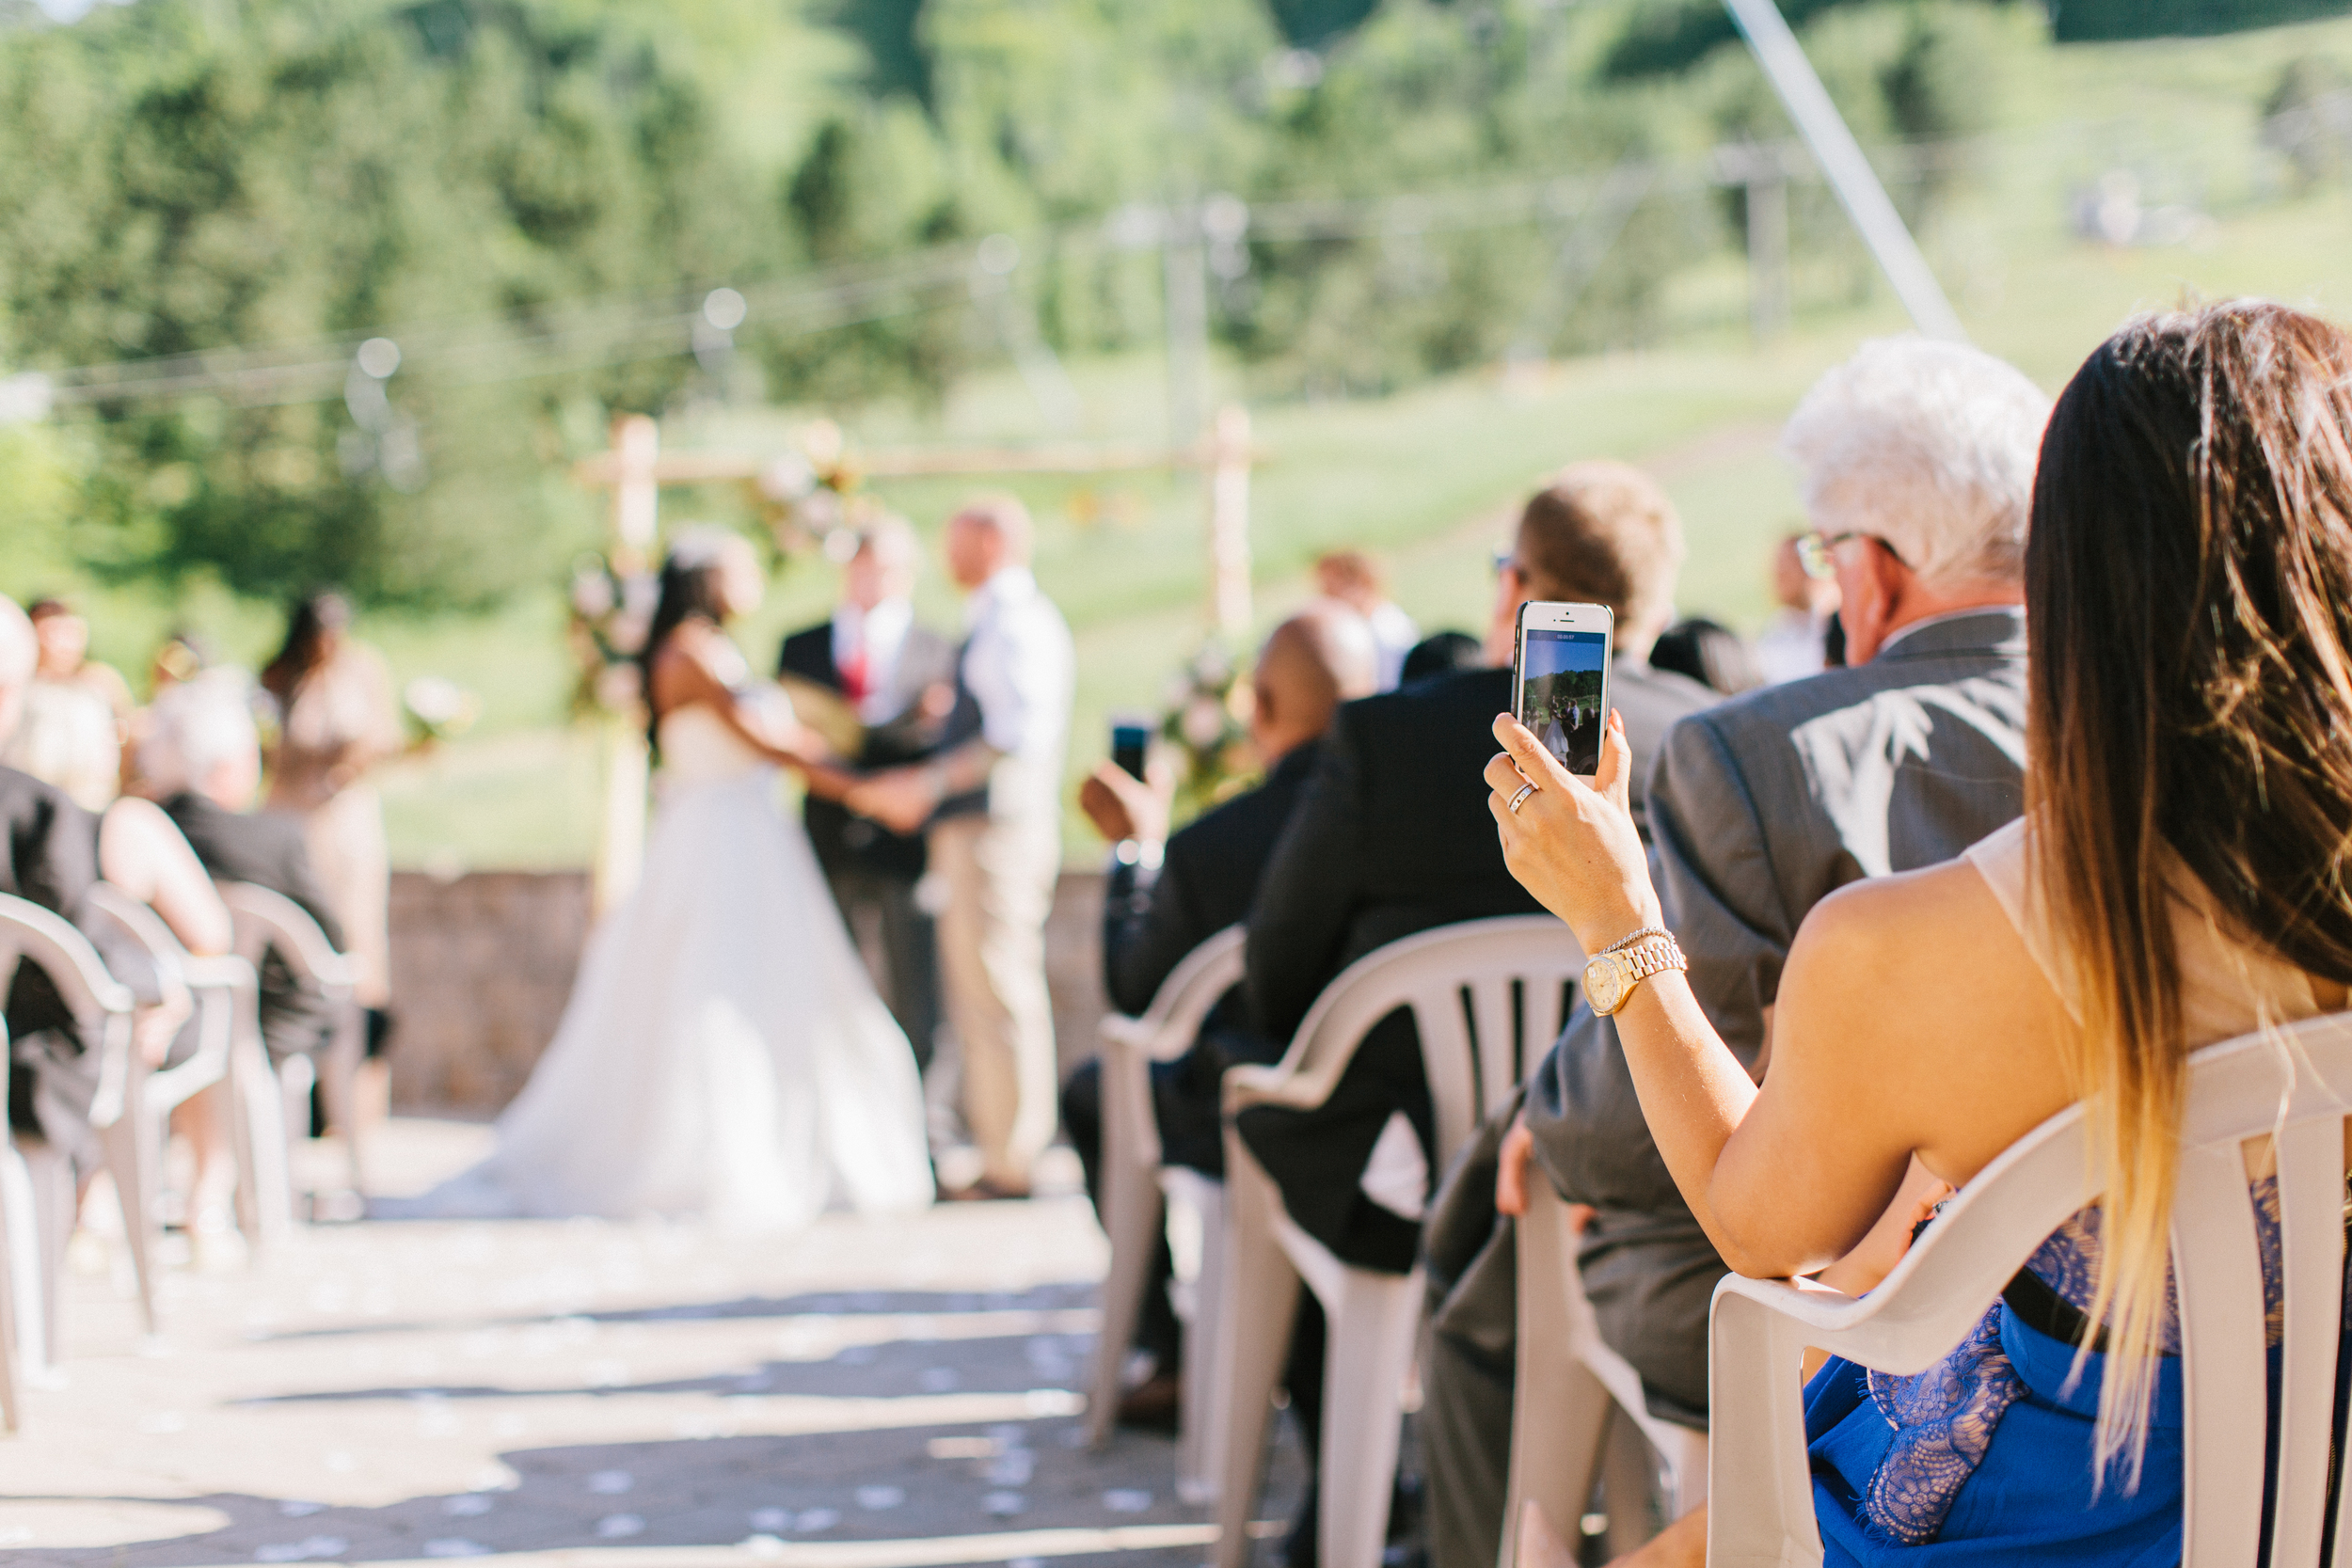 michael-rousseau-photography-shannae-ingleton-wedding-sean-craigleith-ski-club-wedding045.jpg